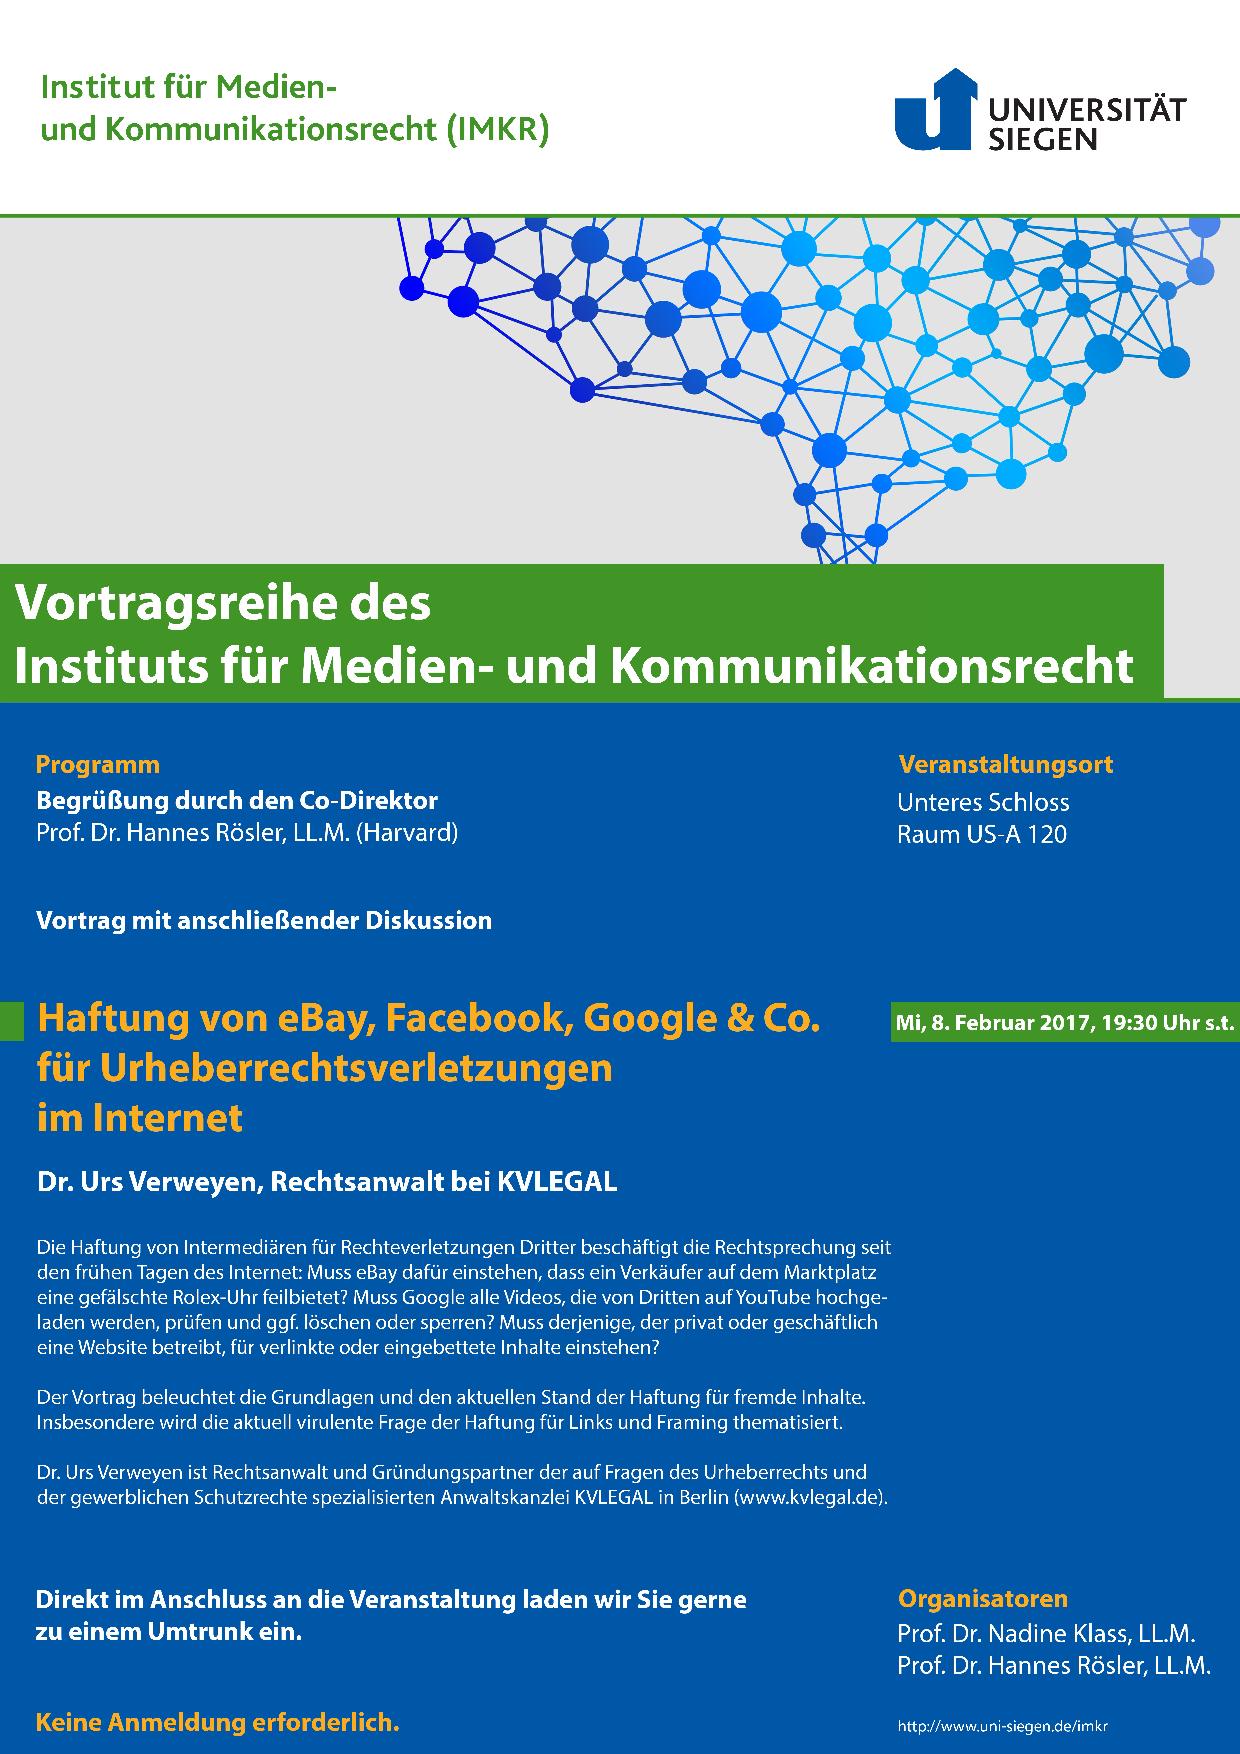 Einladung zum IMKR-Vortrag über eBay, Facebook, Google & Co ...